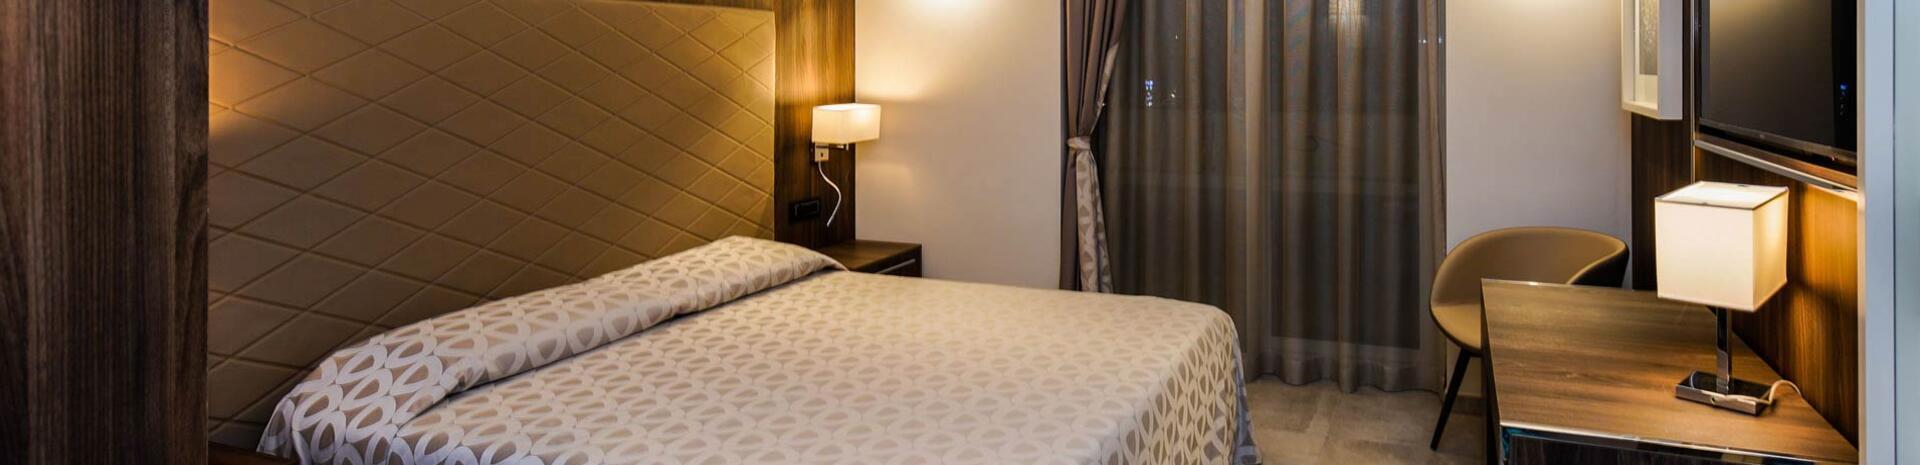 hotelkuma de zimmer 003